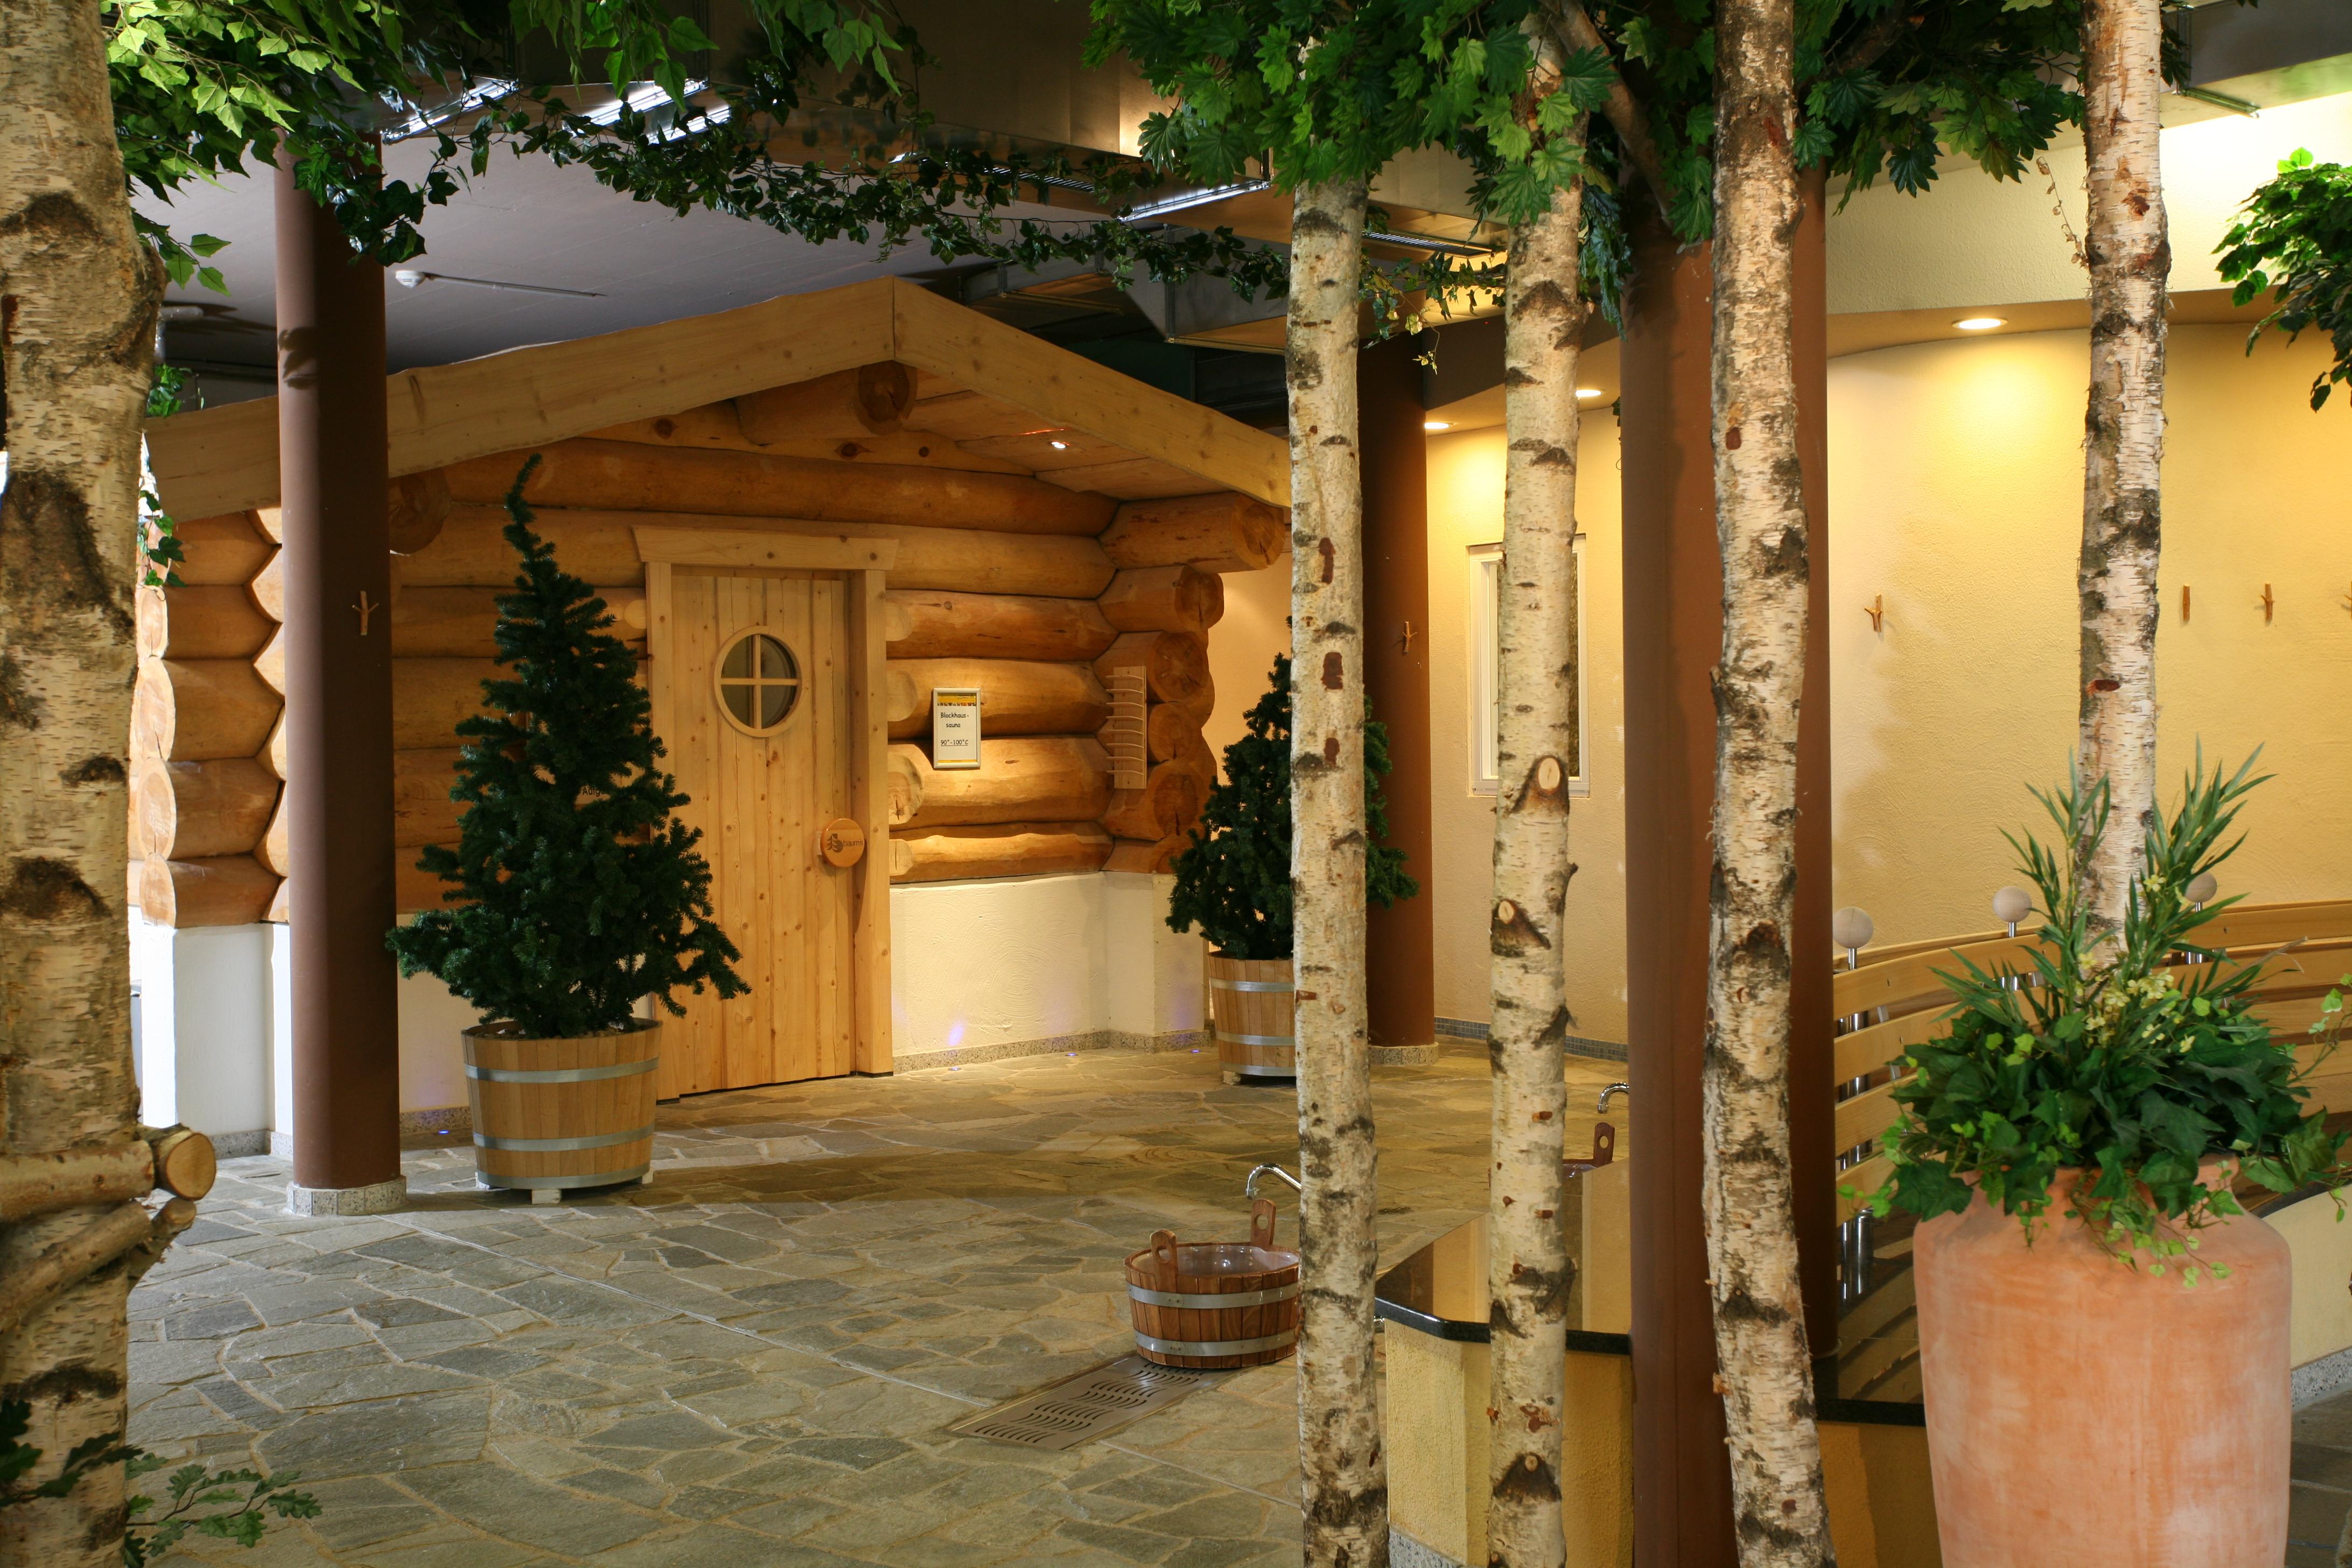 Hasseröder Ferienpark in Wernigerode - Sauna Hexenkessel